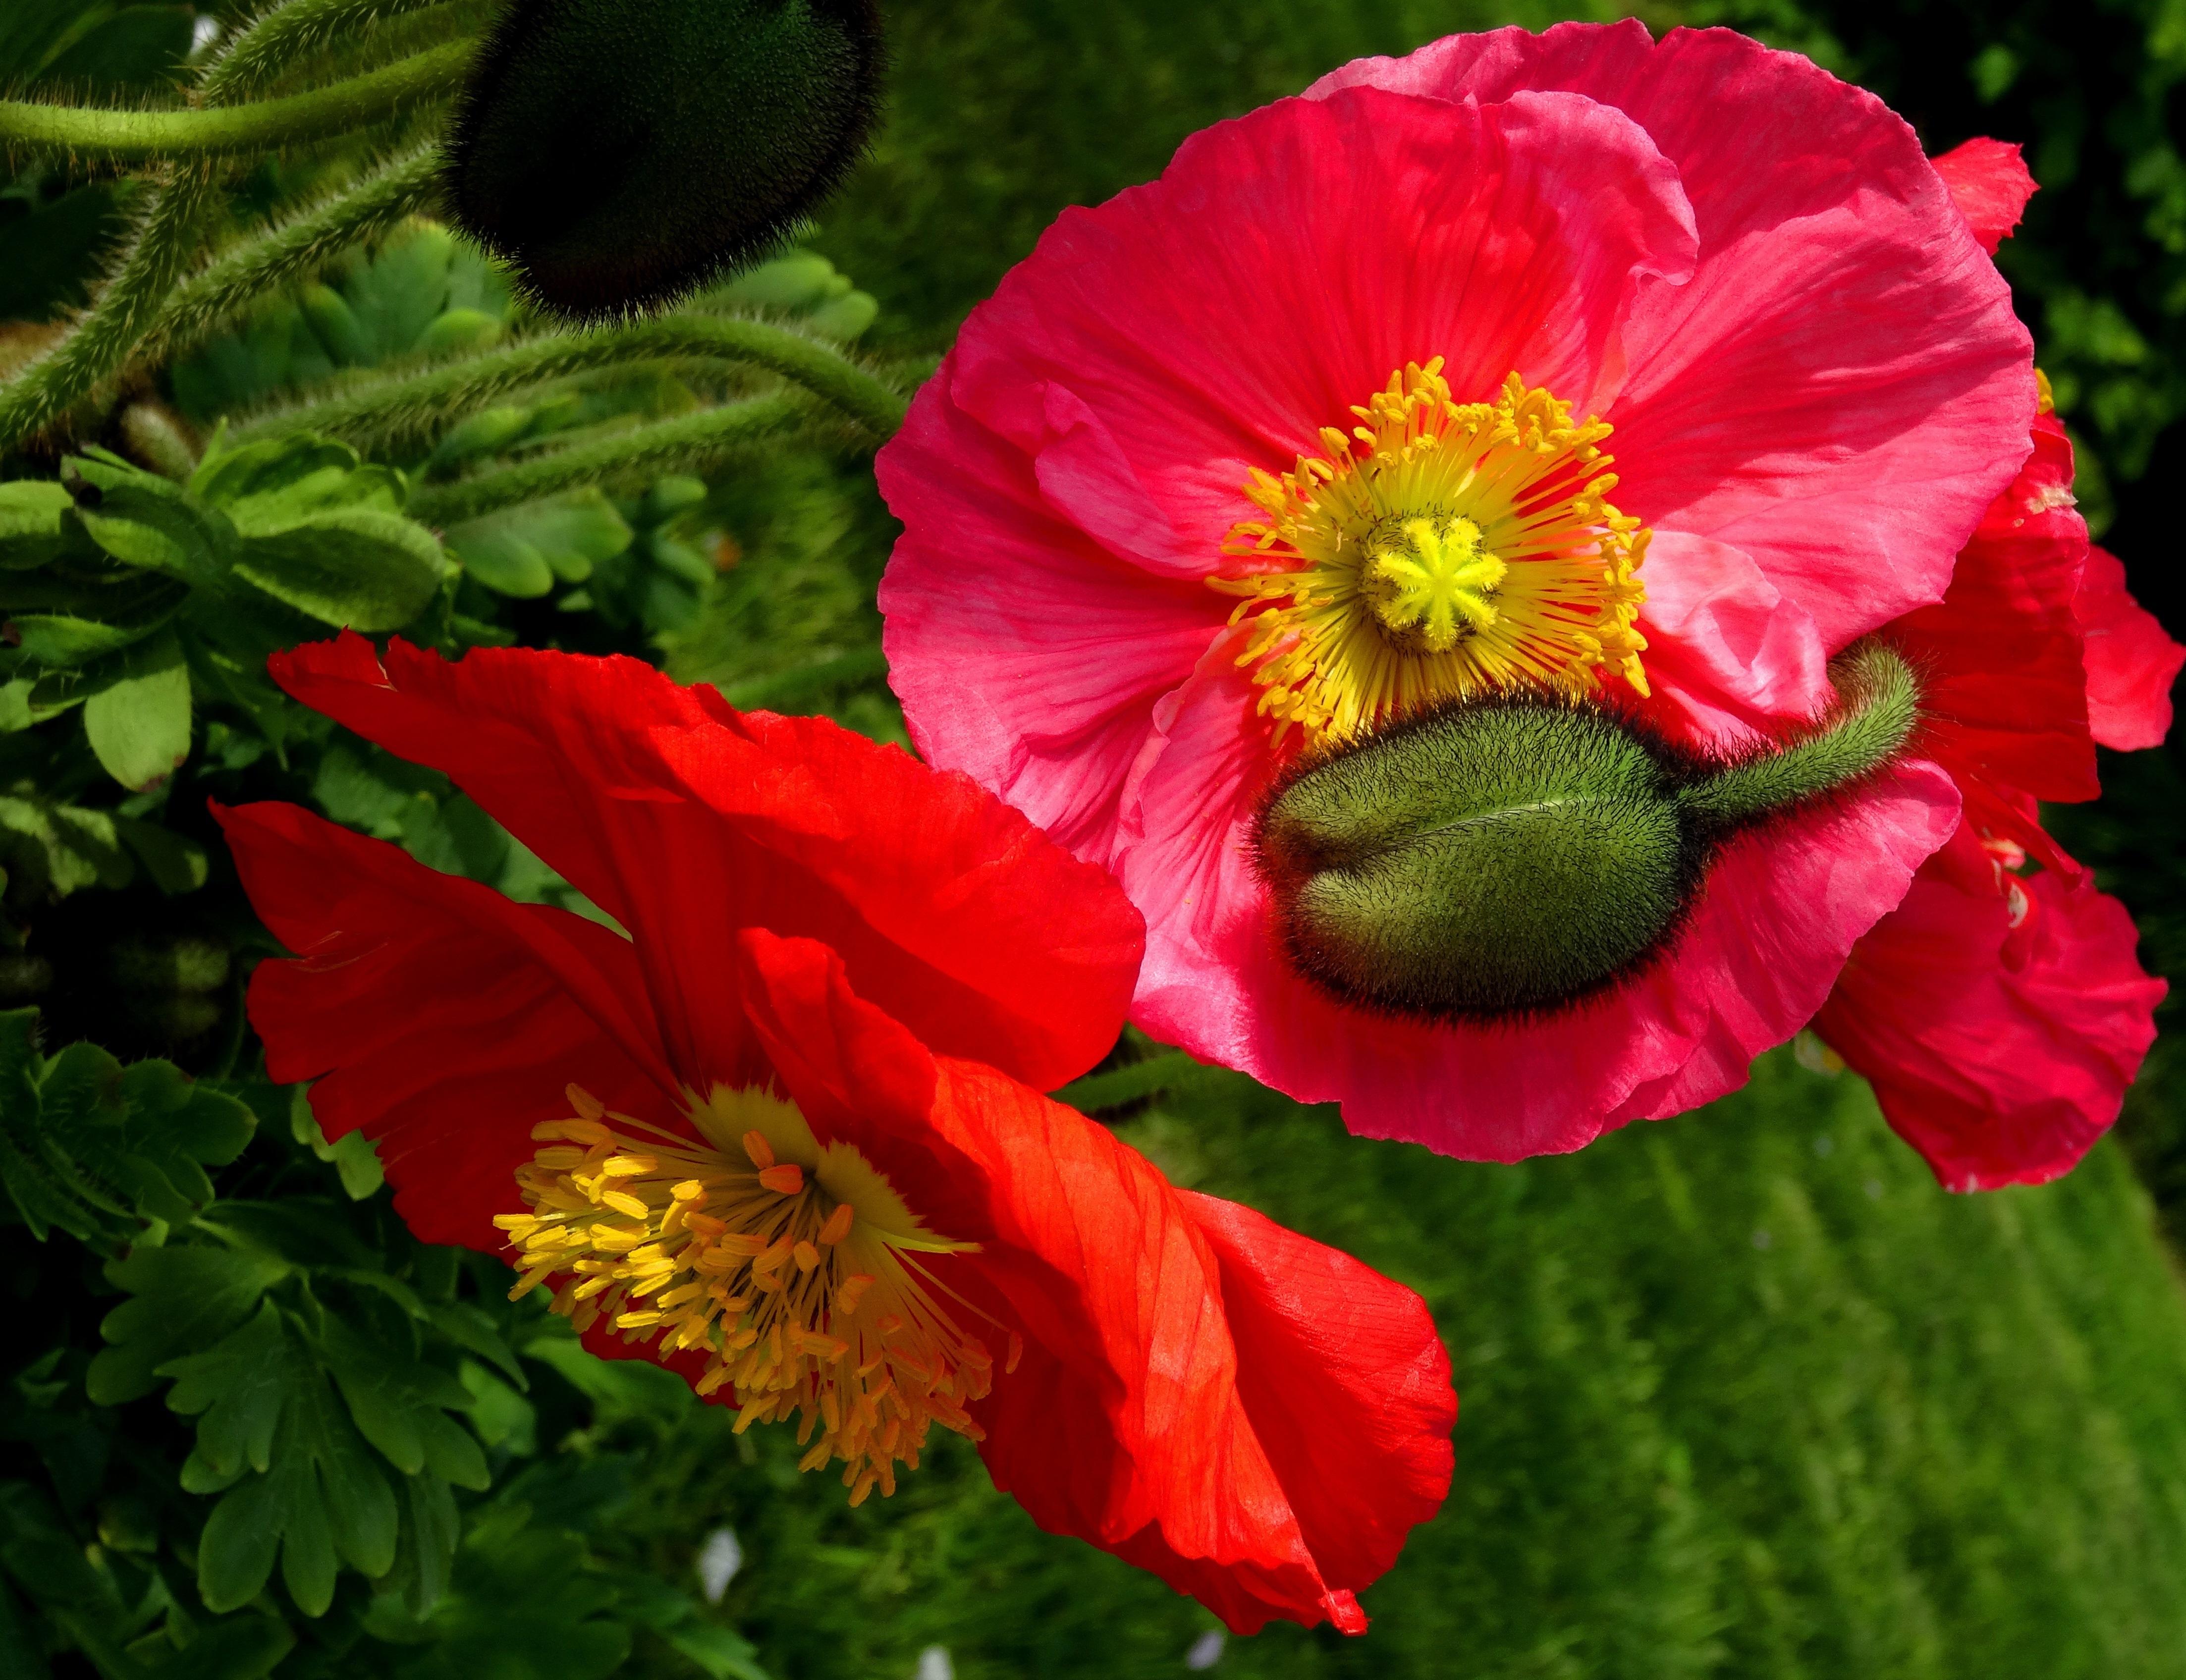 оладушки картинки с крупными цветами маки гозу растрёпанные